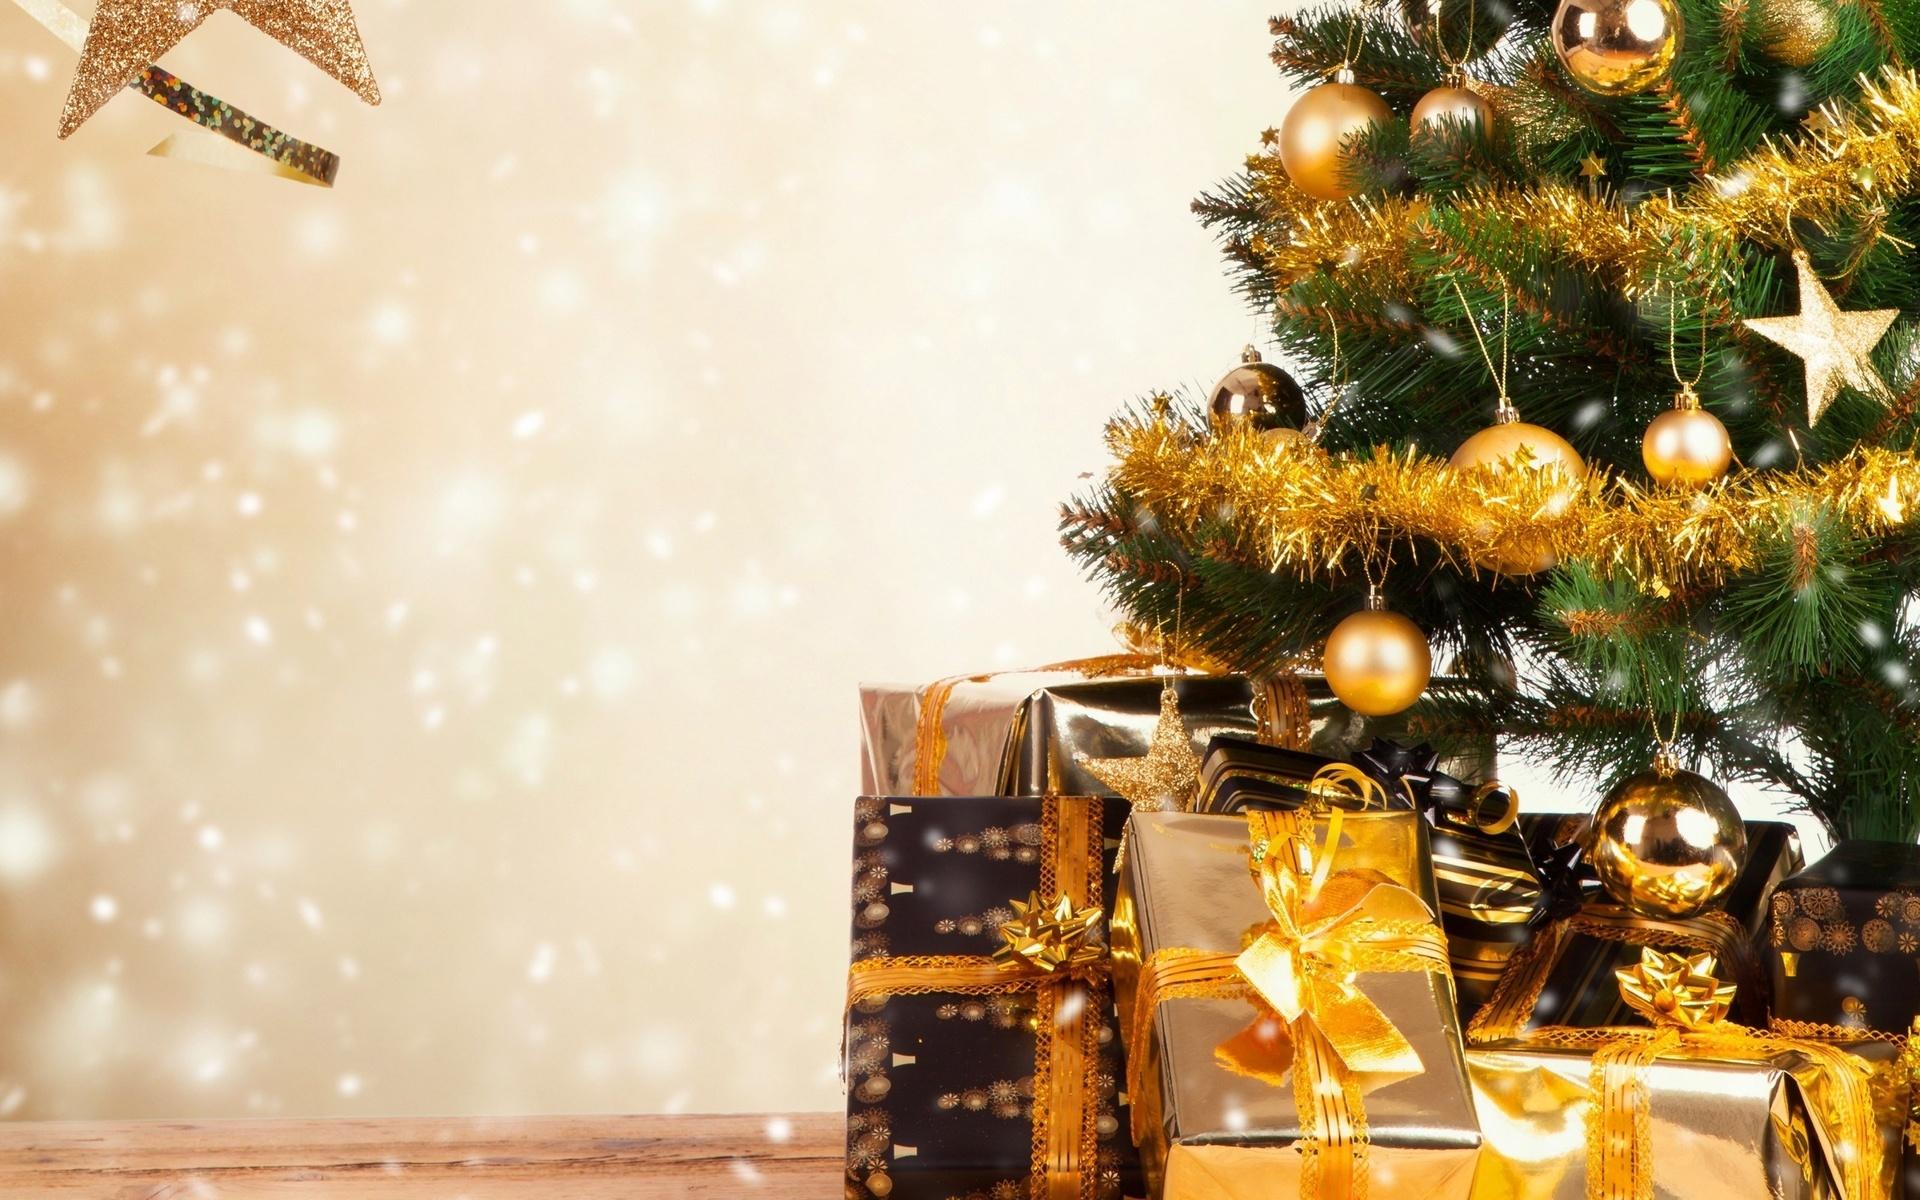 Новогодняя картинка с елкой, любовь